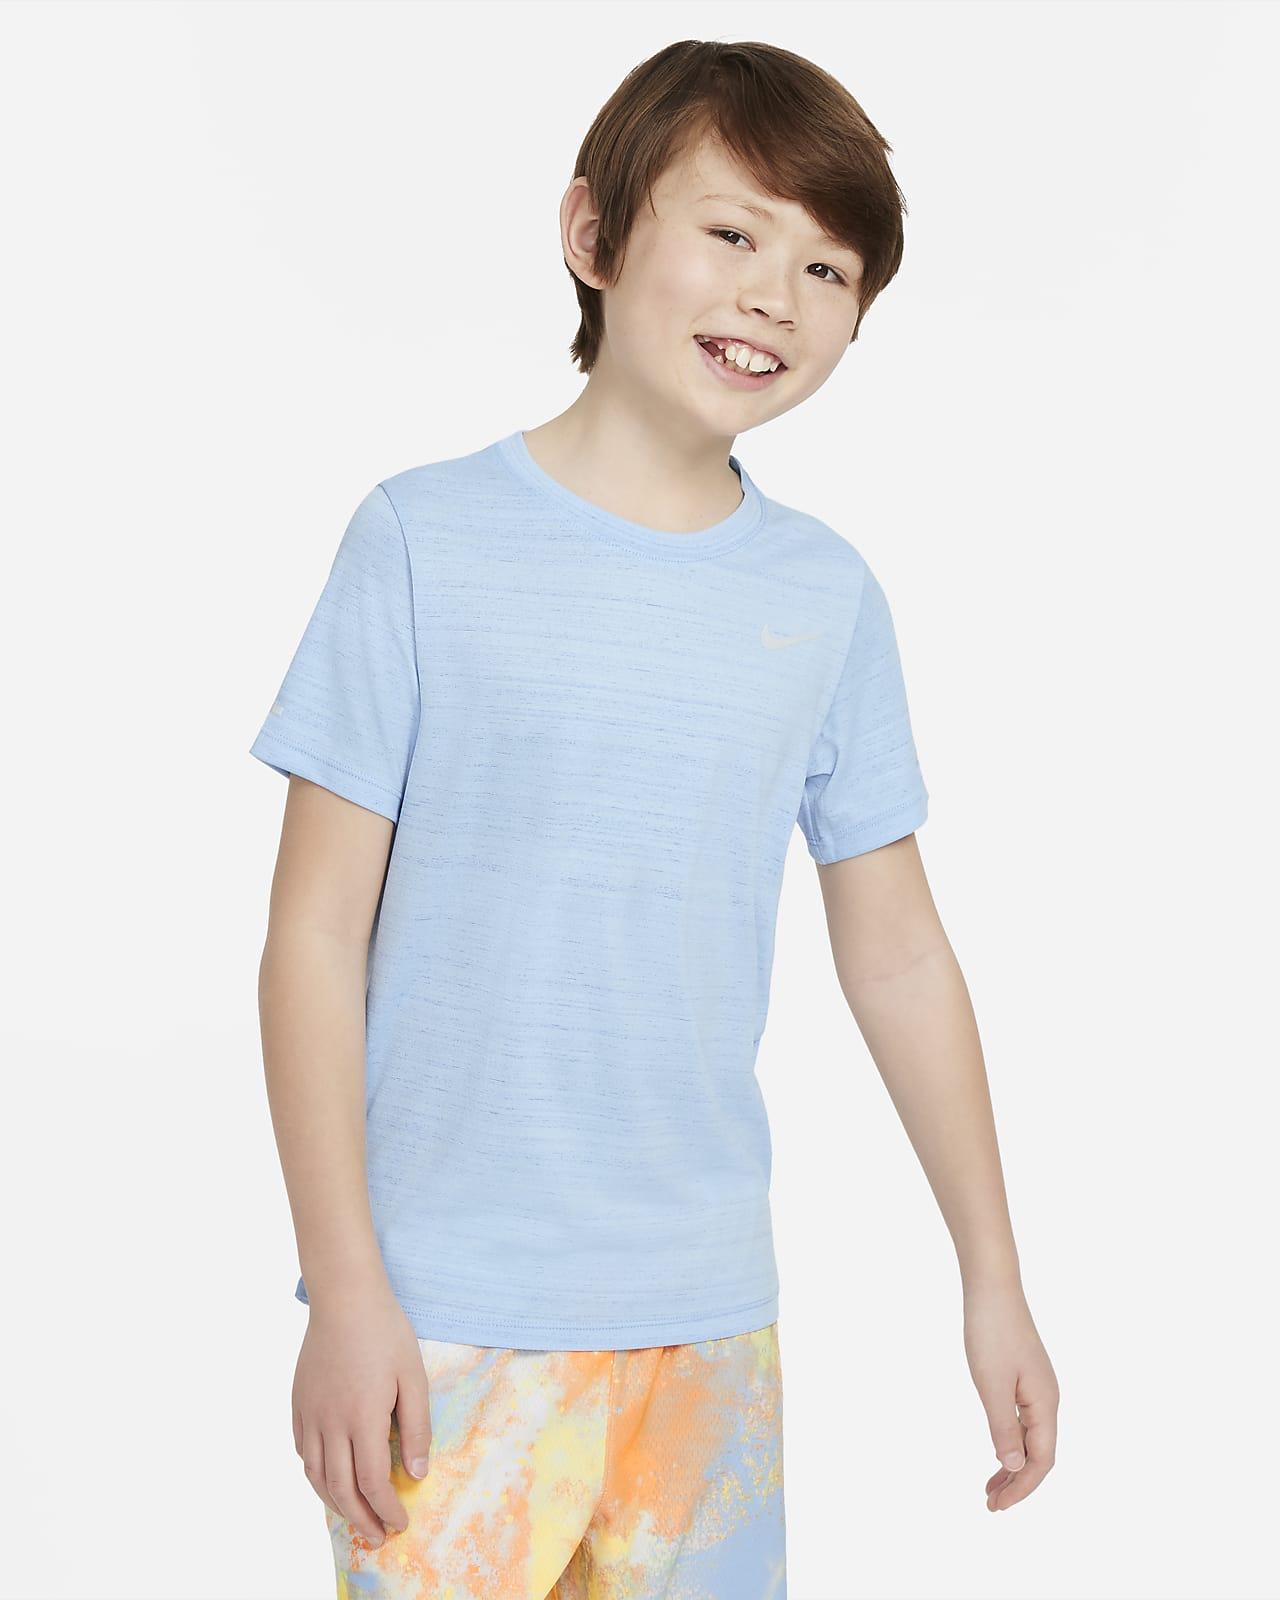 Μπλούζα προπόνησης Nike Dri-FIT Miler για μεγάλα αγόρια